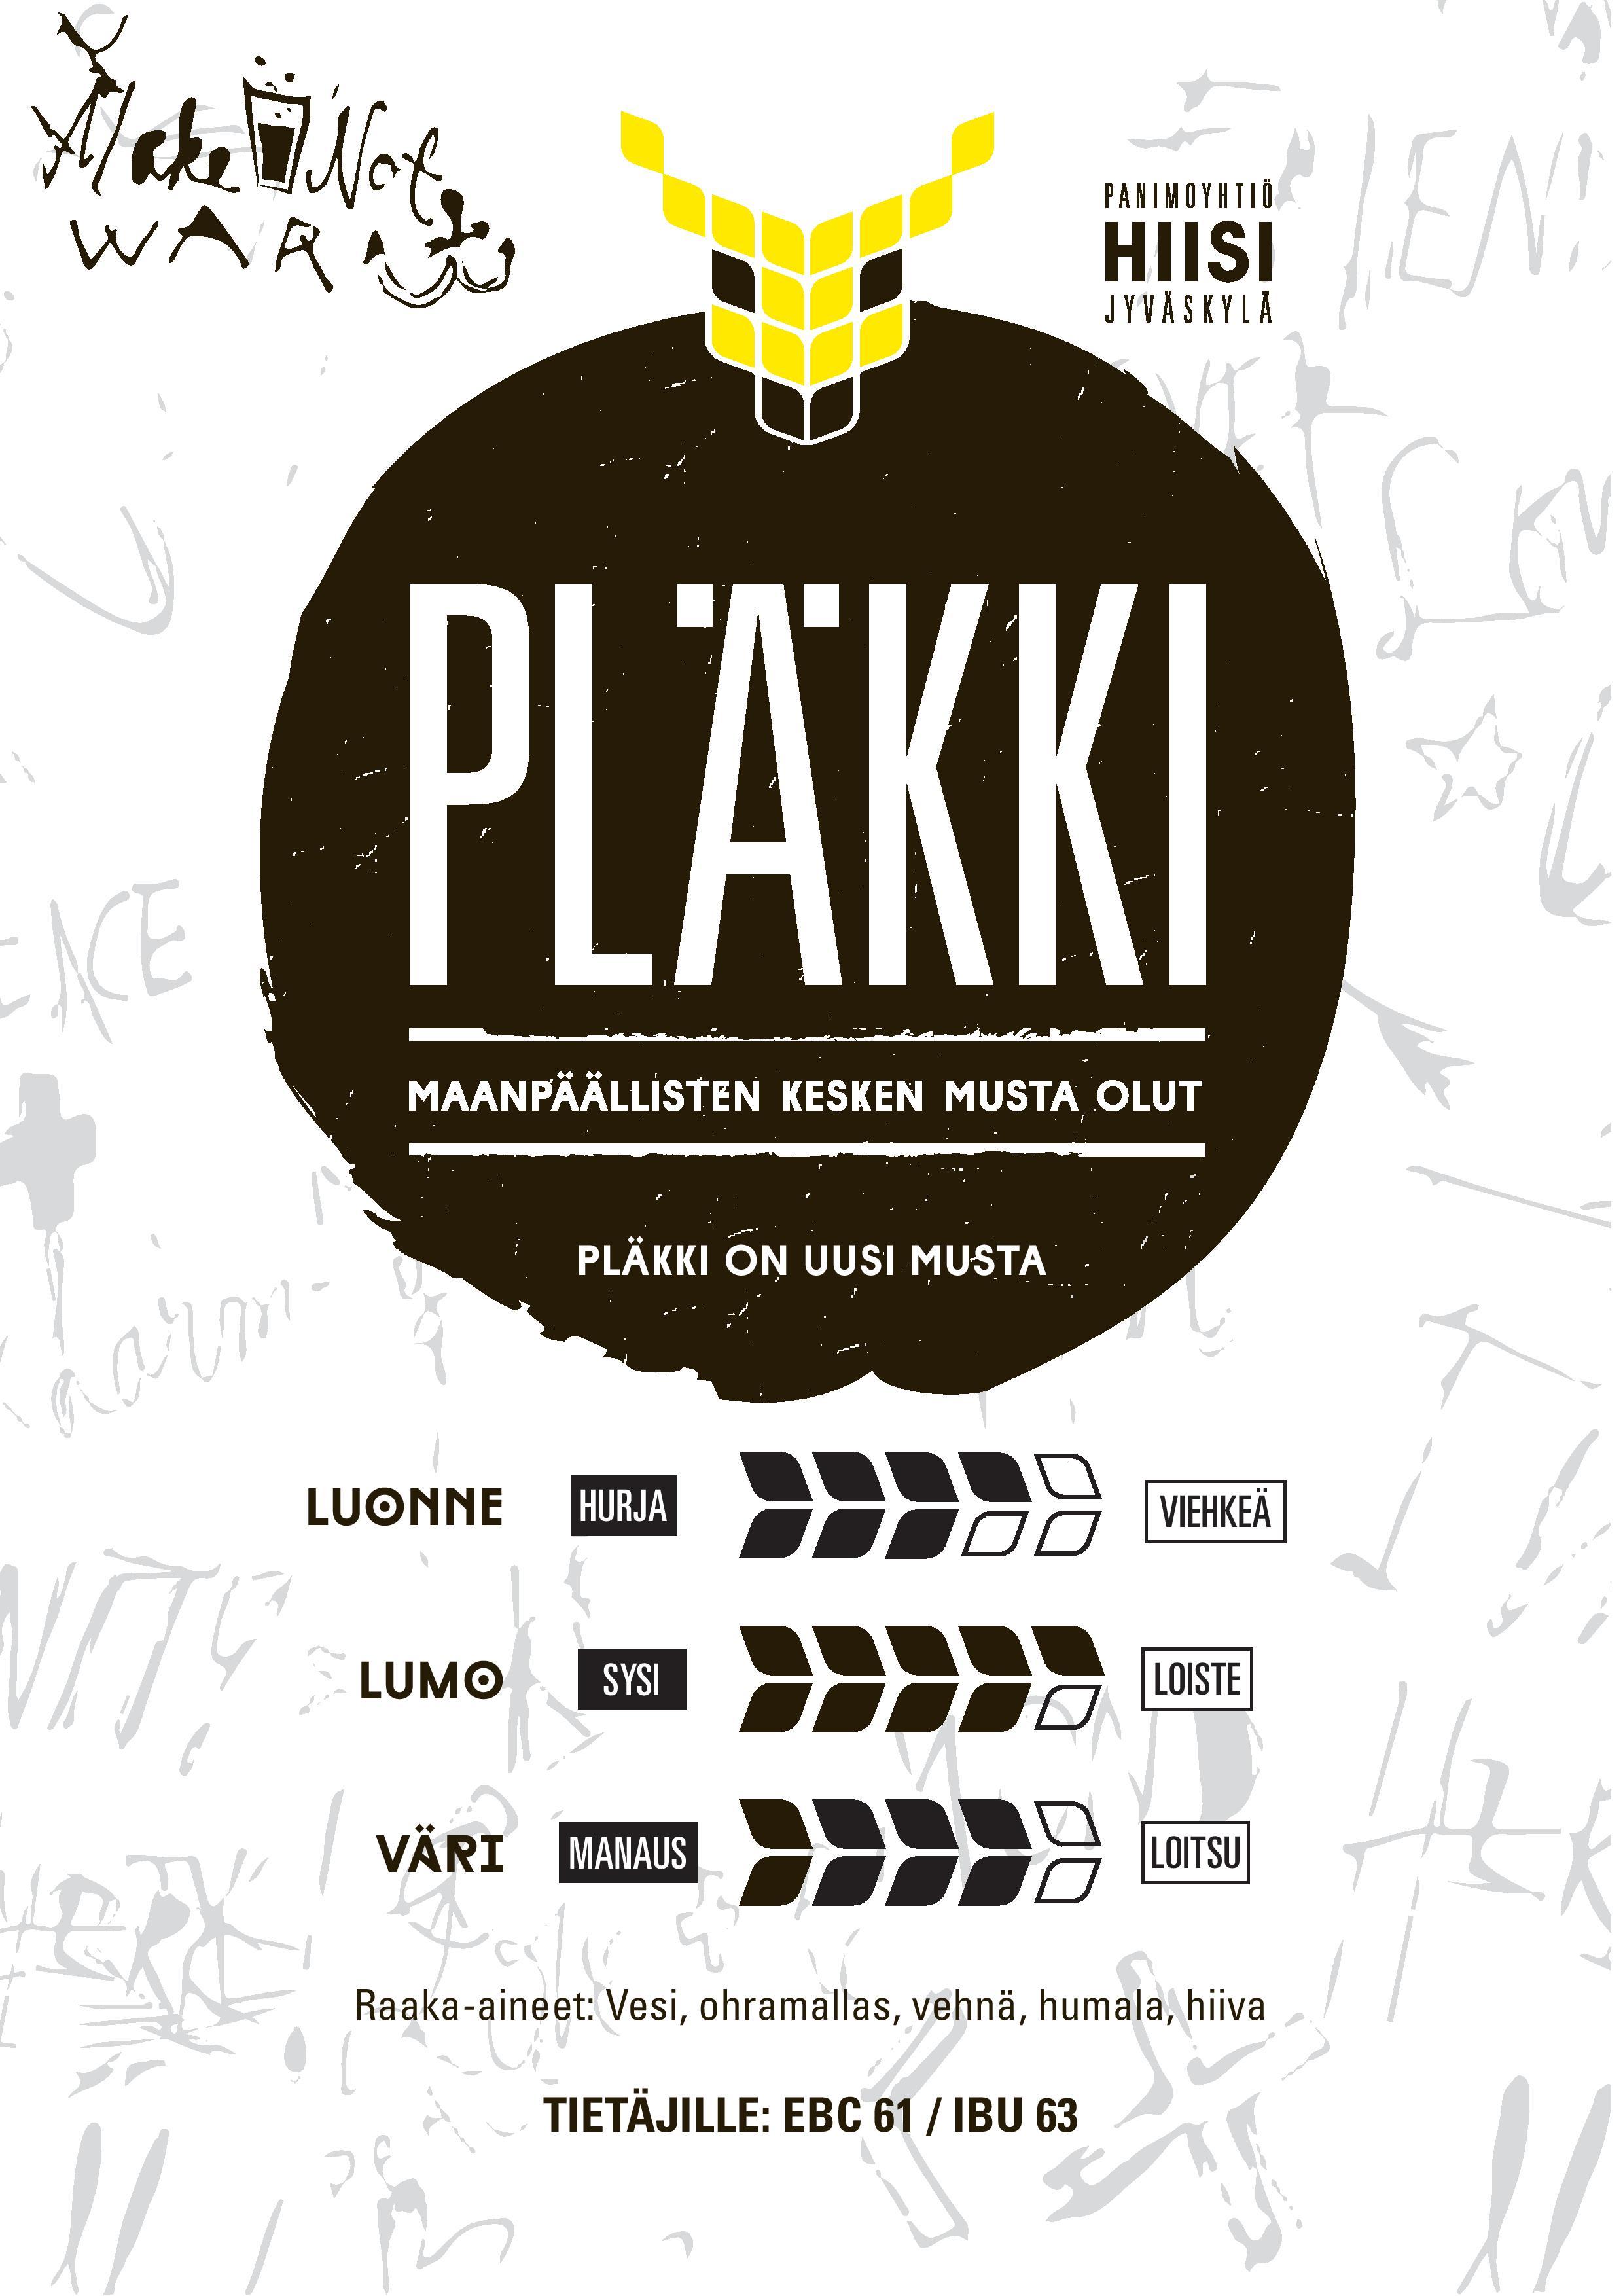 hiisi_plakki_a4-page-001